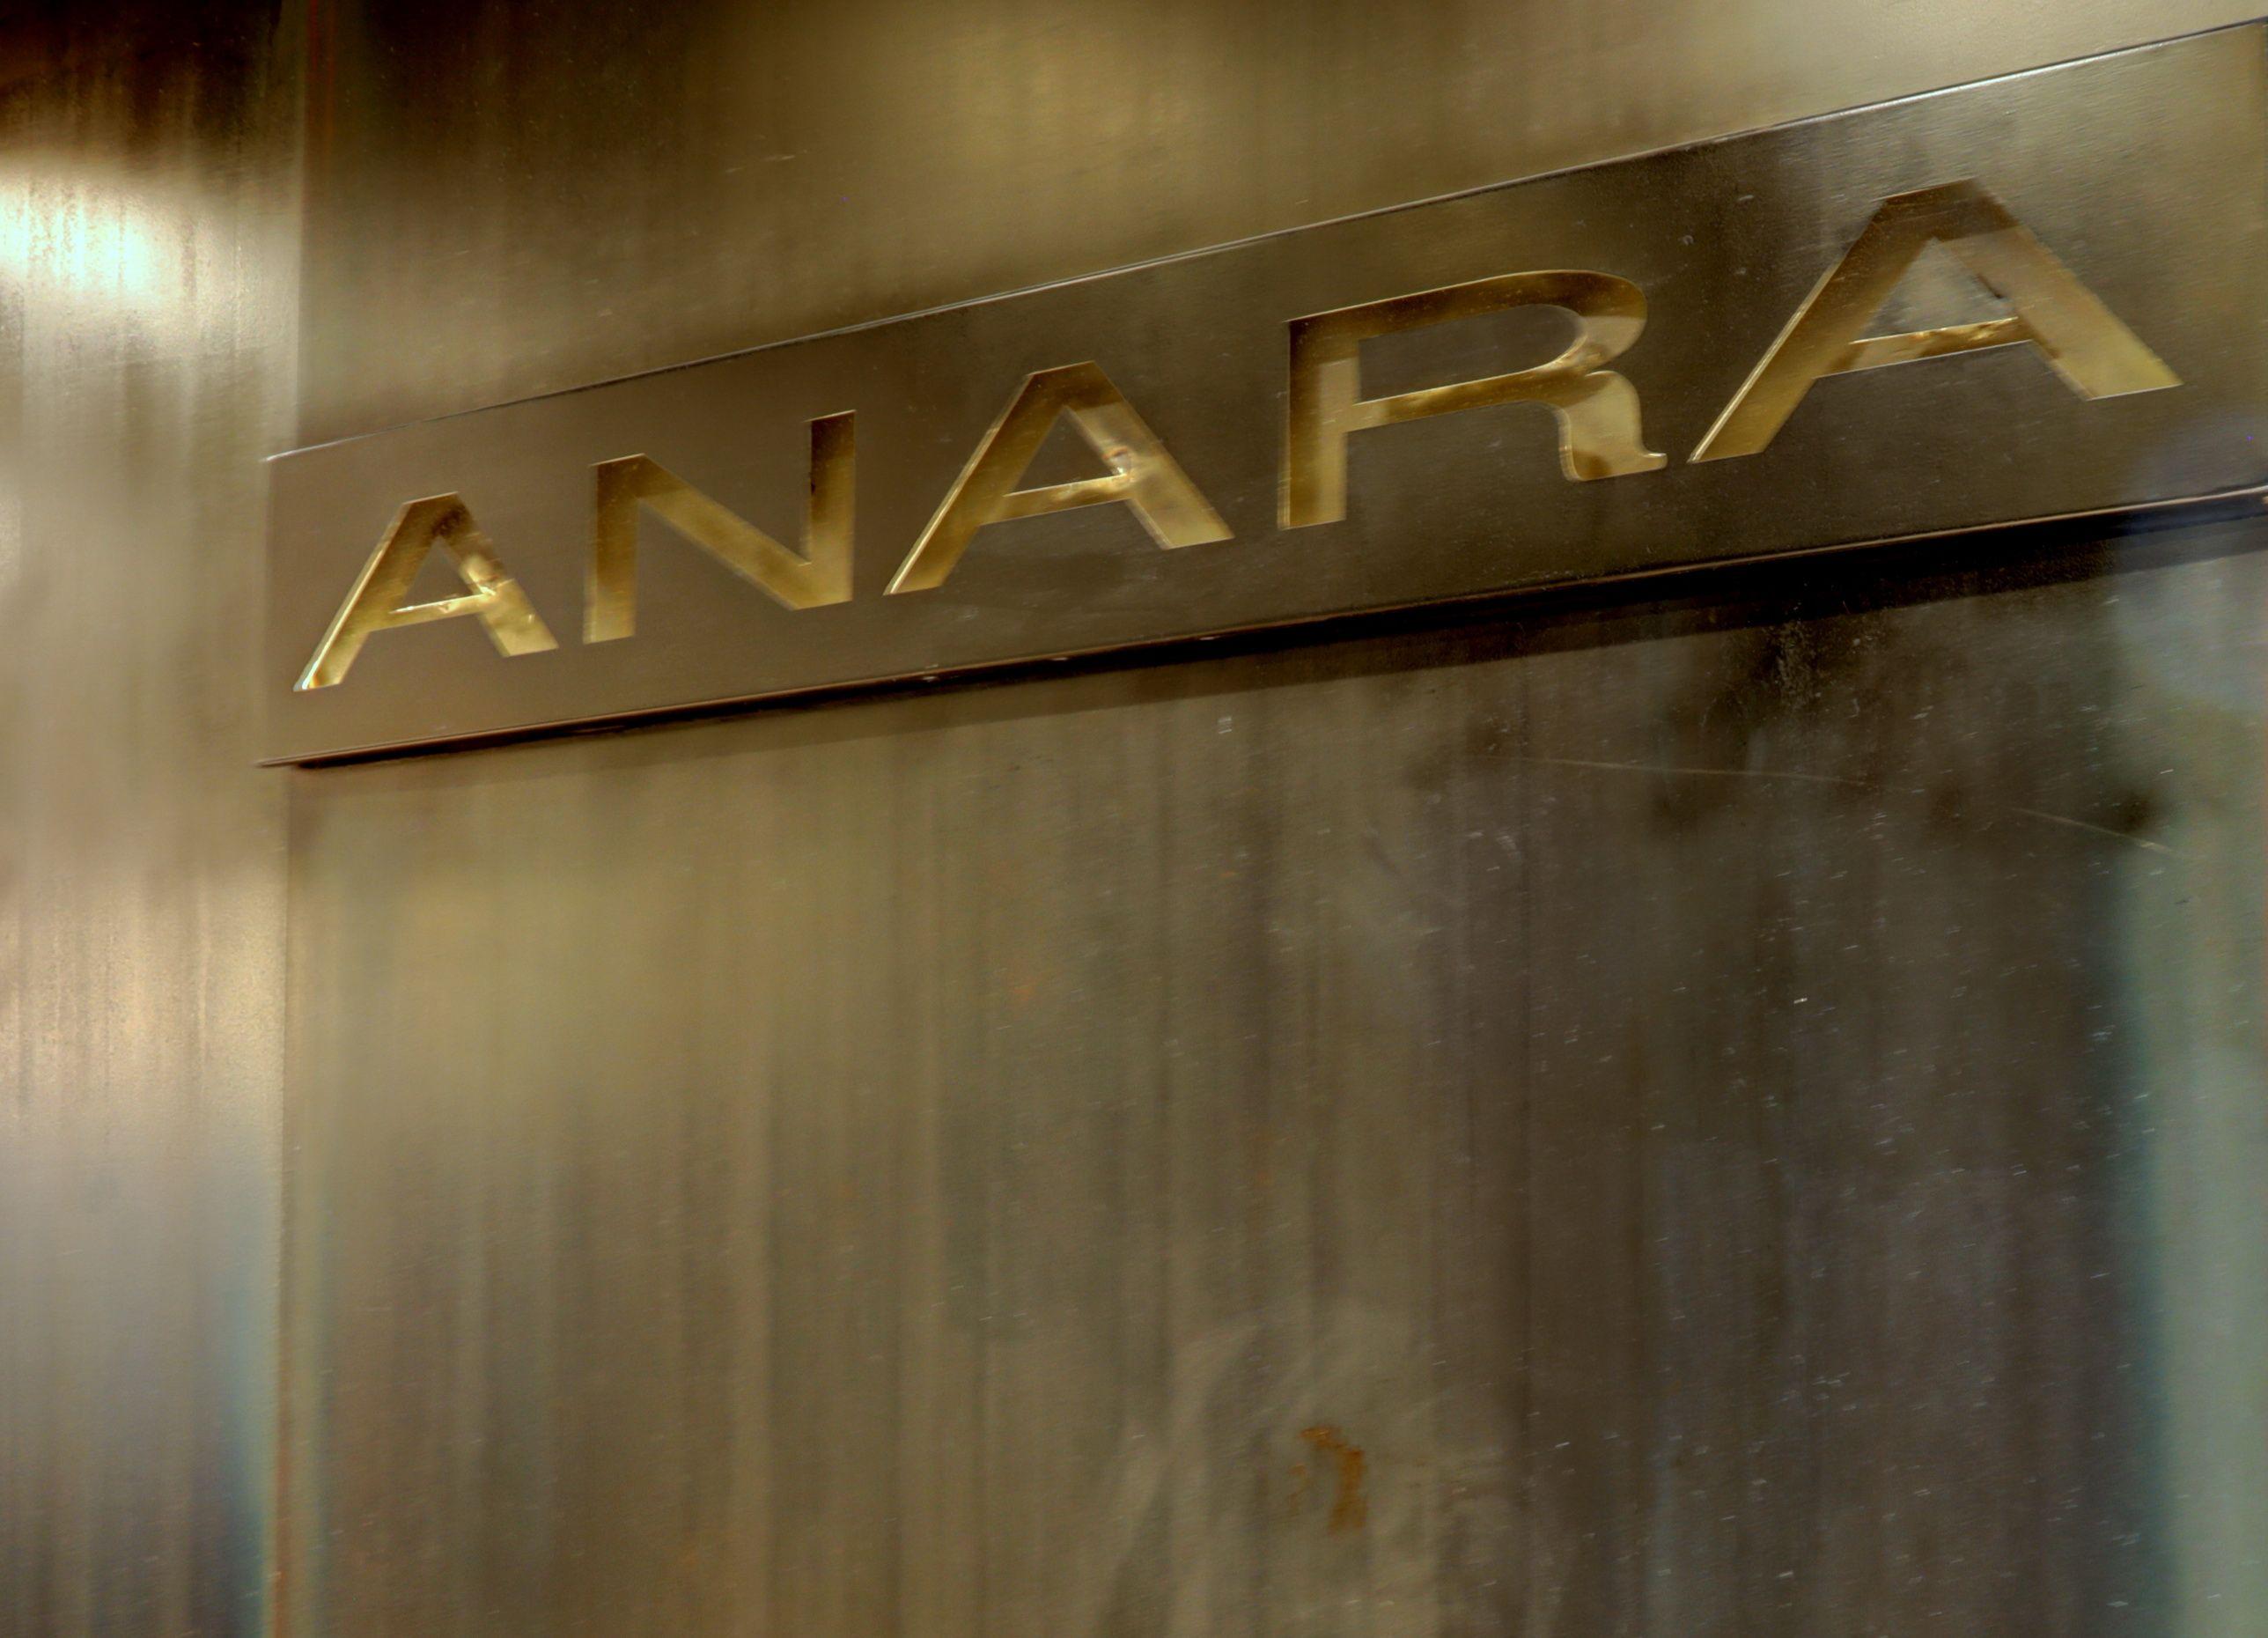 Anara By Ana Lérida, salón de belleza ubicado en Barcelona